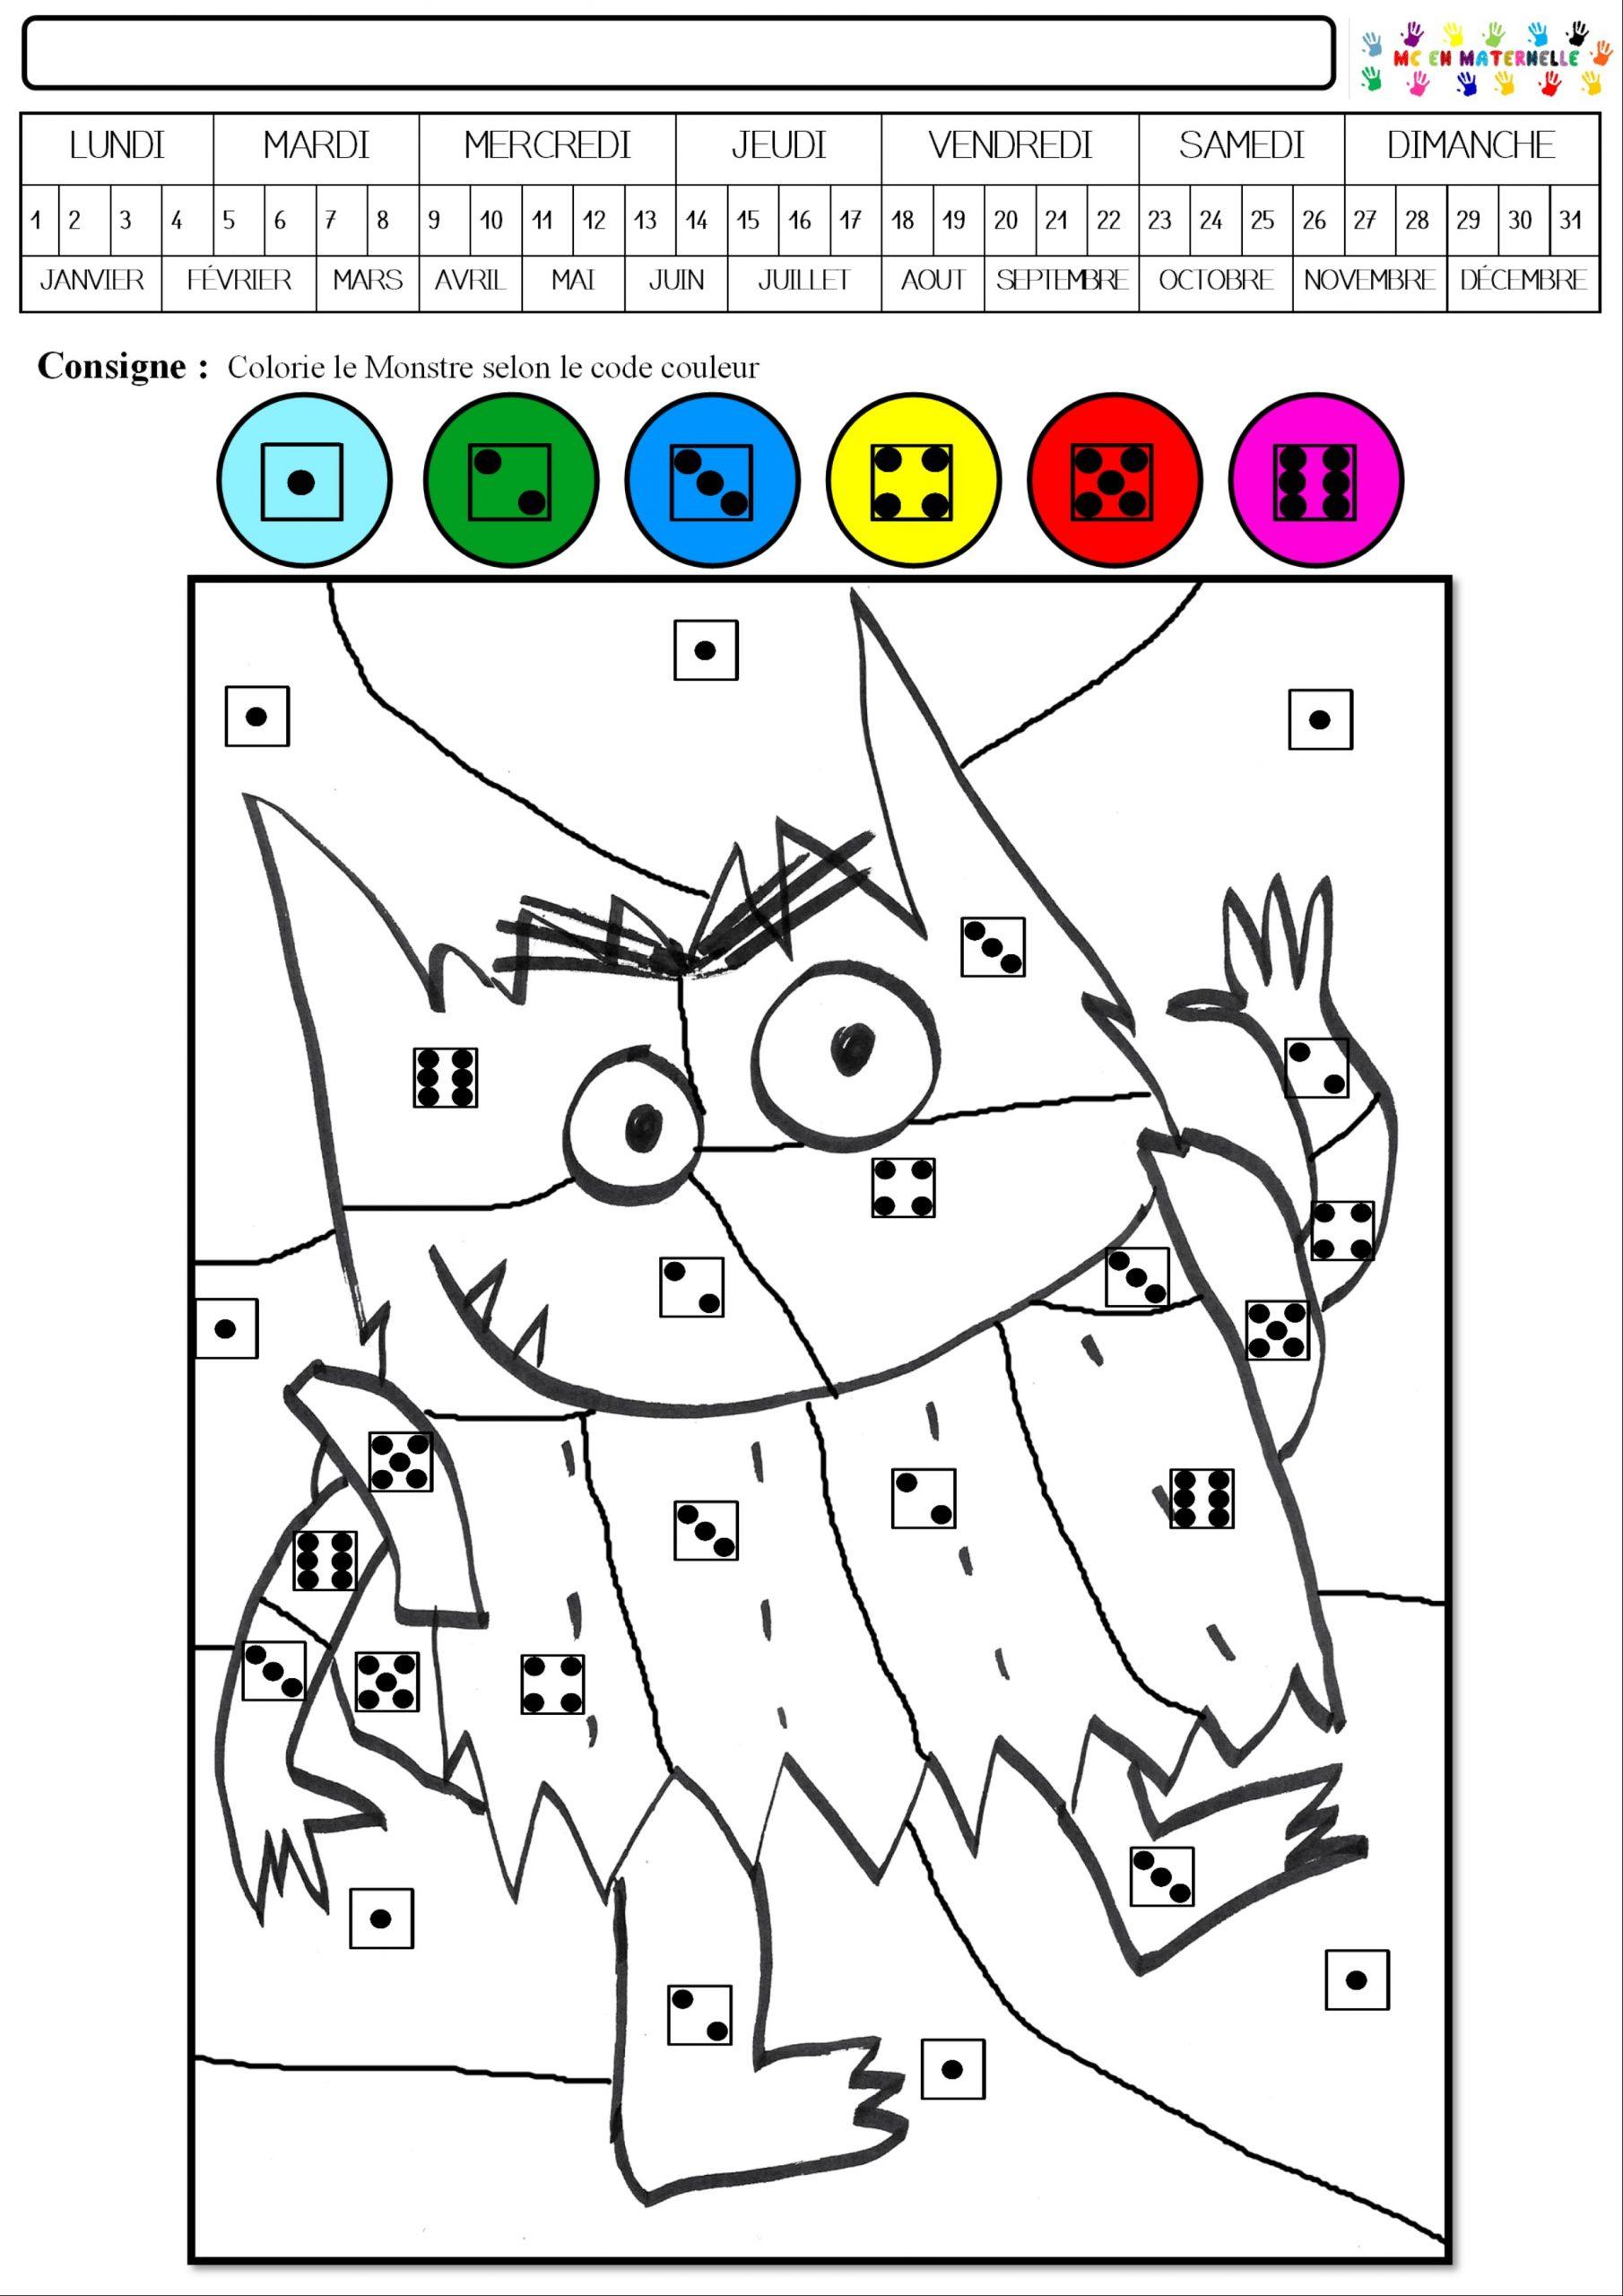 Le Monstre Des Couleurs Va À L'école : Coloriage Magique concernant Coloriage Magique Ms À Imprimer